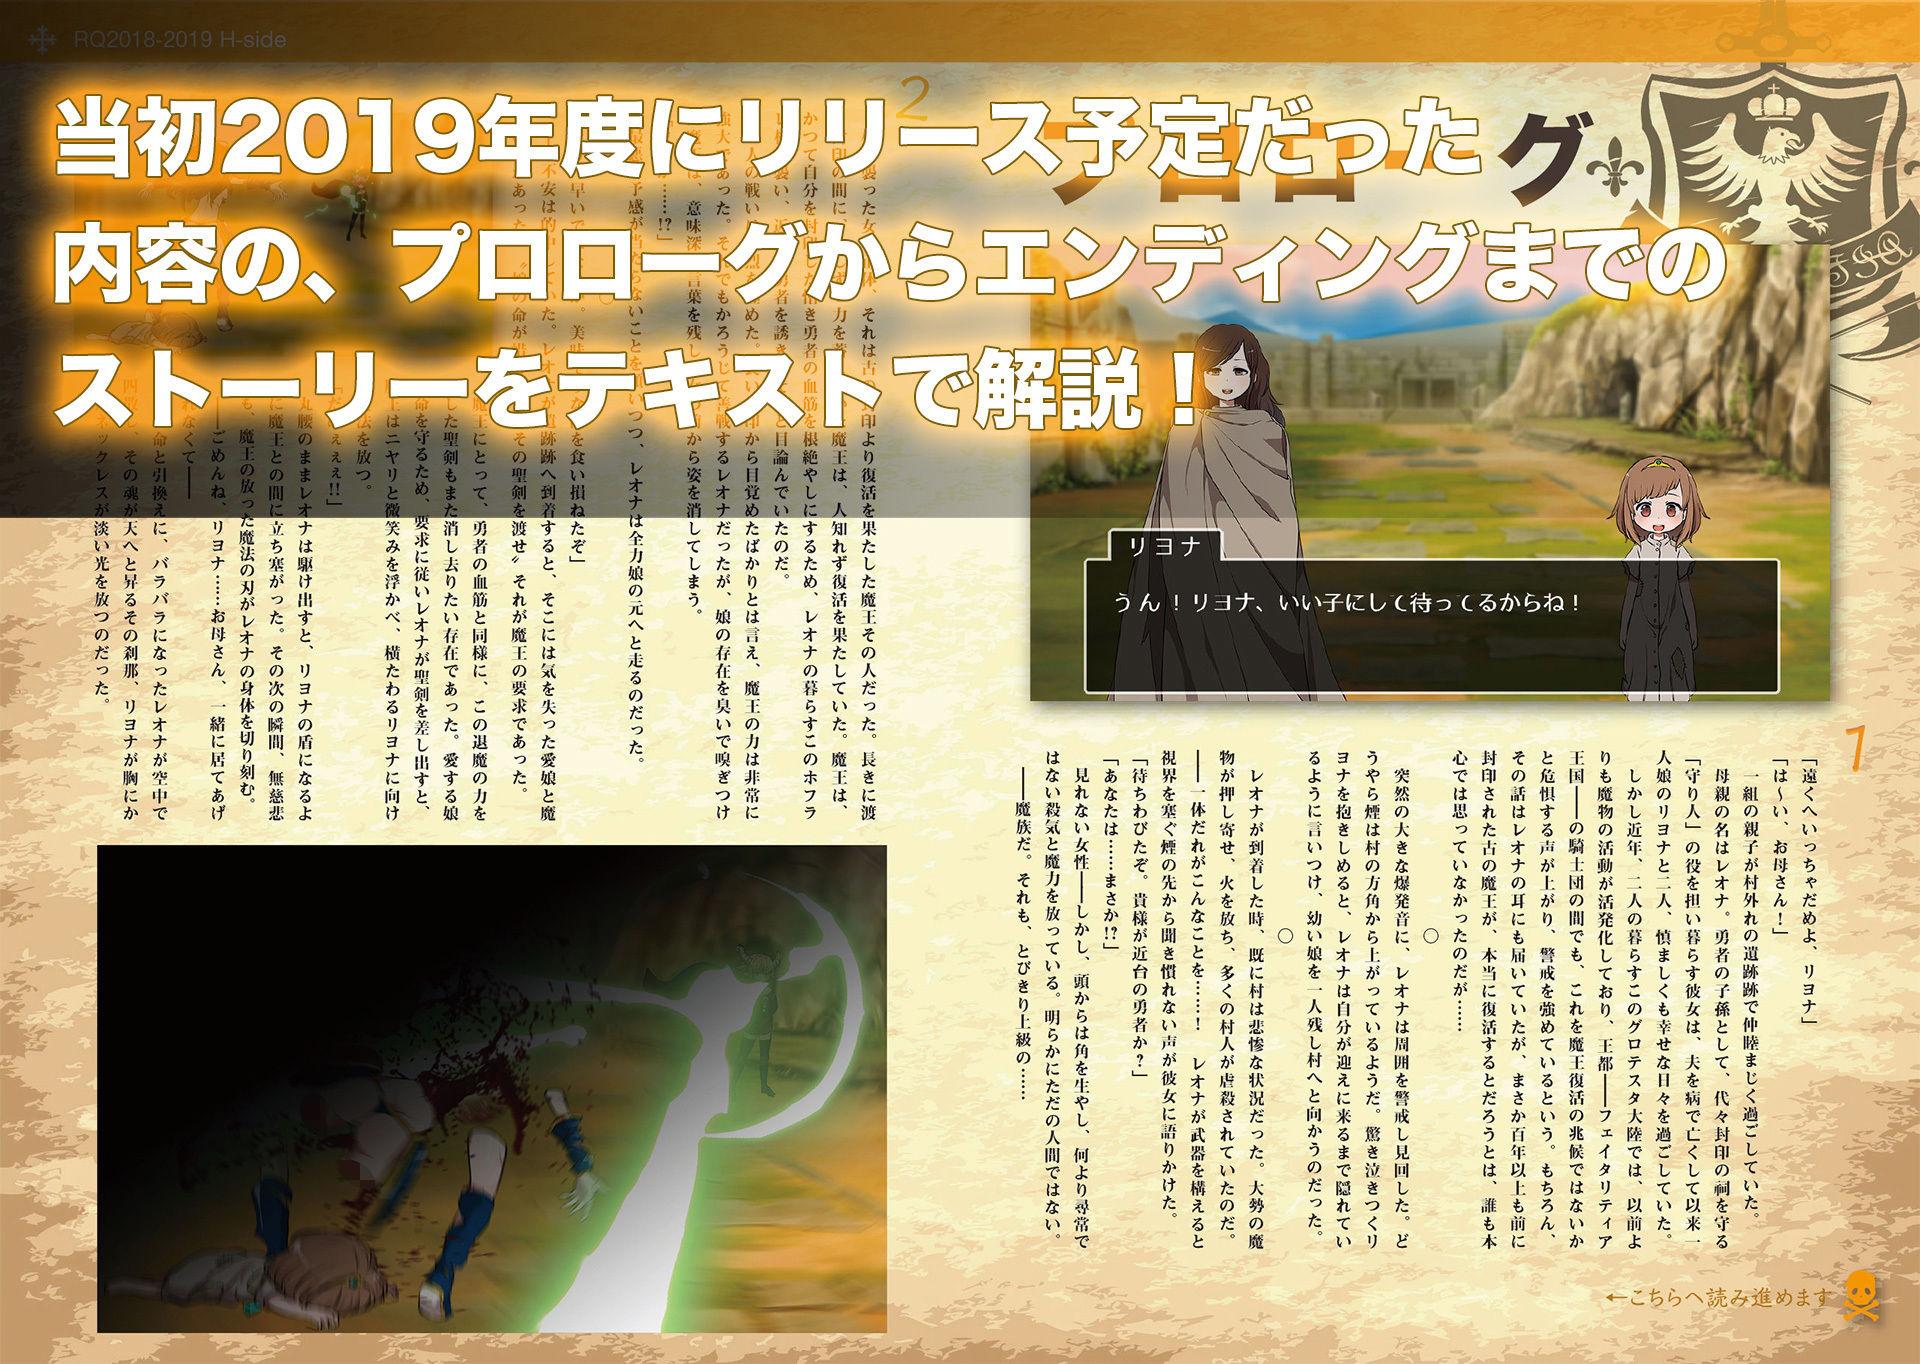 リョナモンクエスト特別先行CG集[ RQ2018-2019 H-side]※排泄物モザイク版 エロ画像